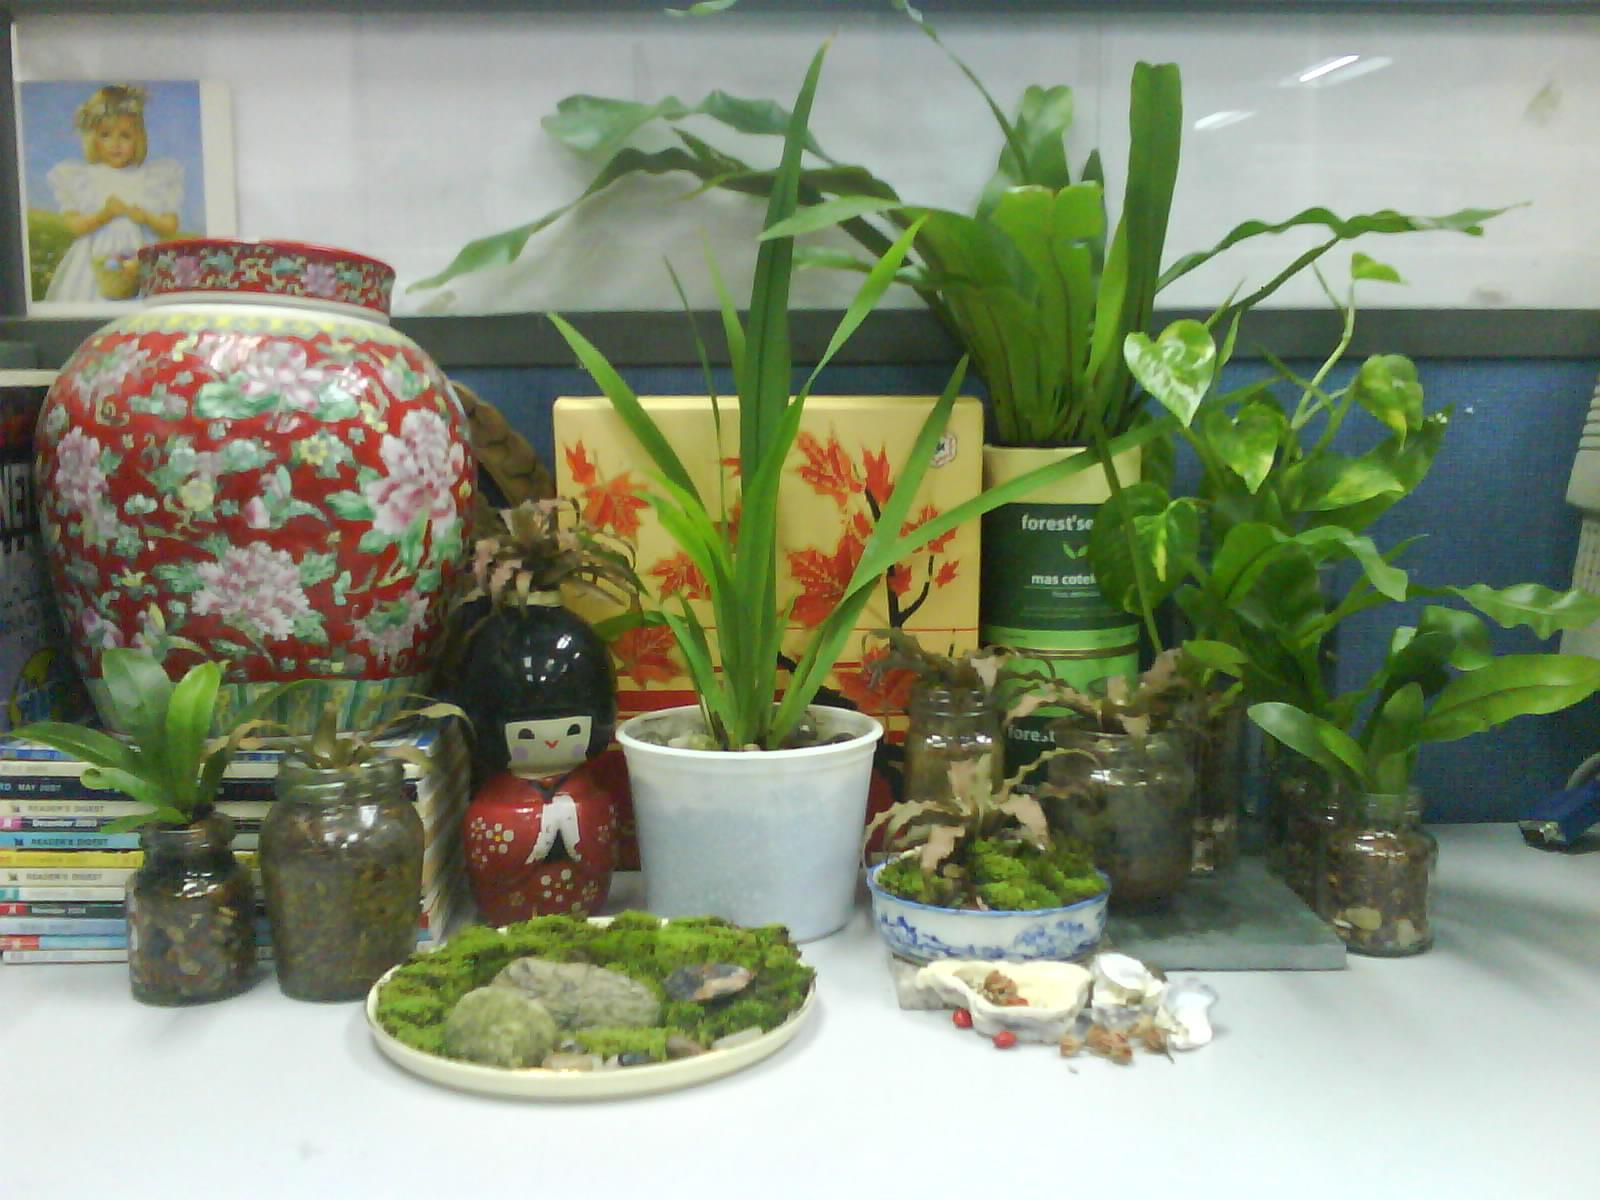 Garden chronicles indoor plants for the office desk top - Indoor desk plants ...